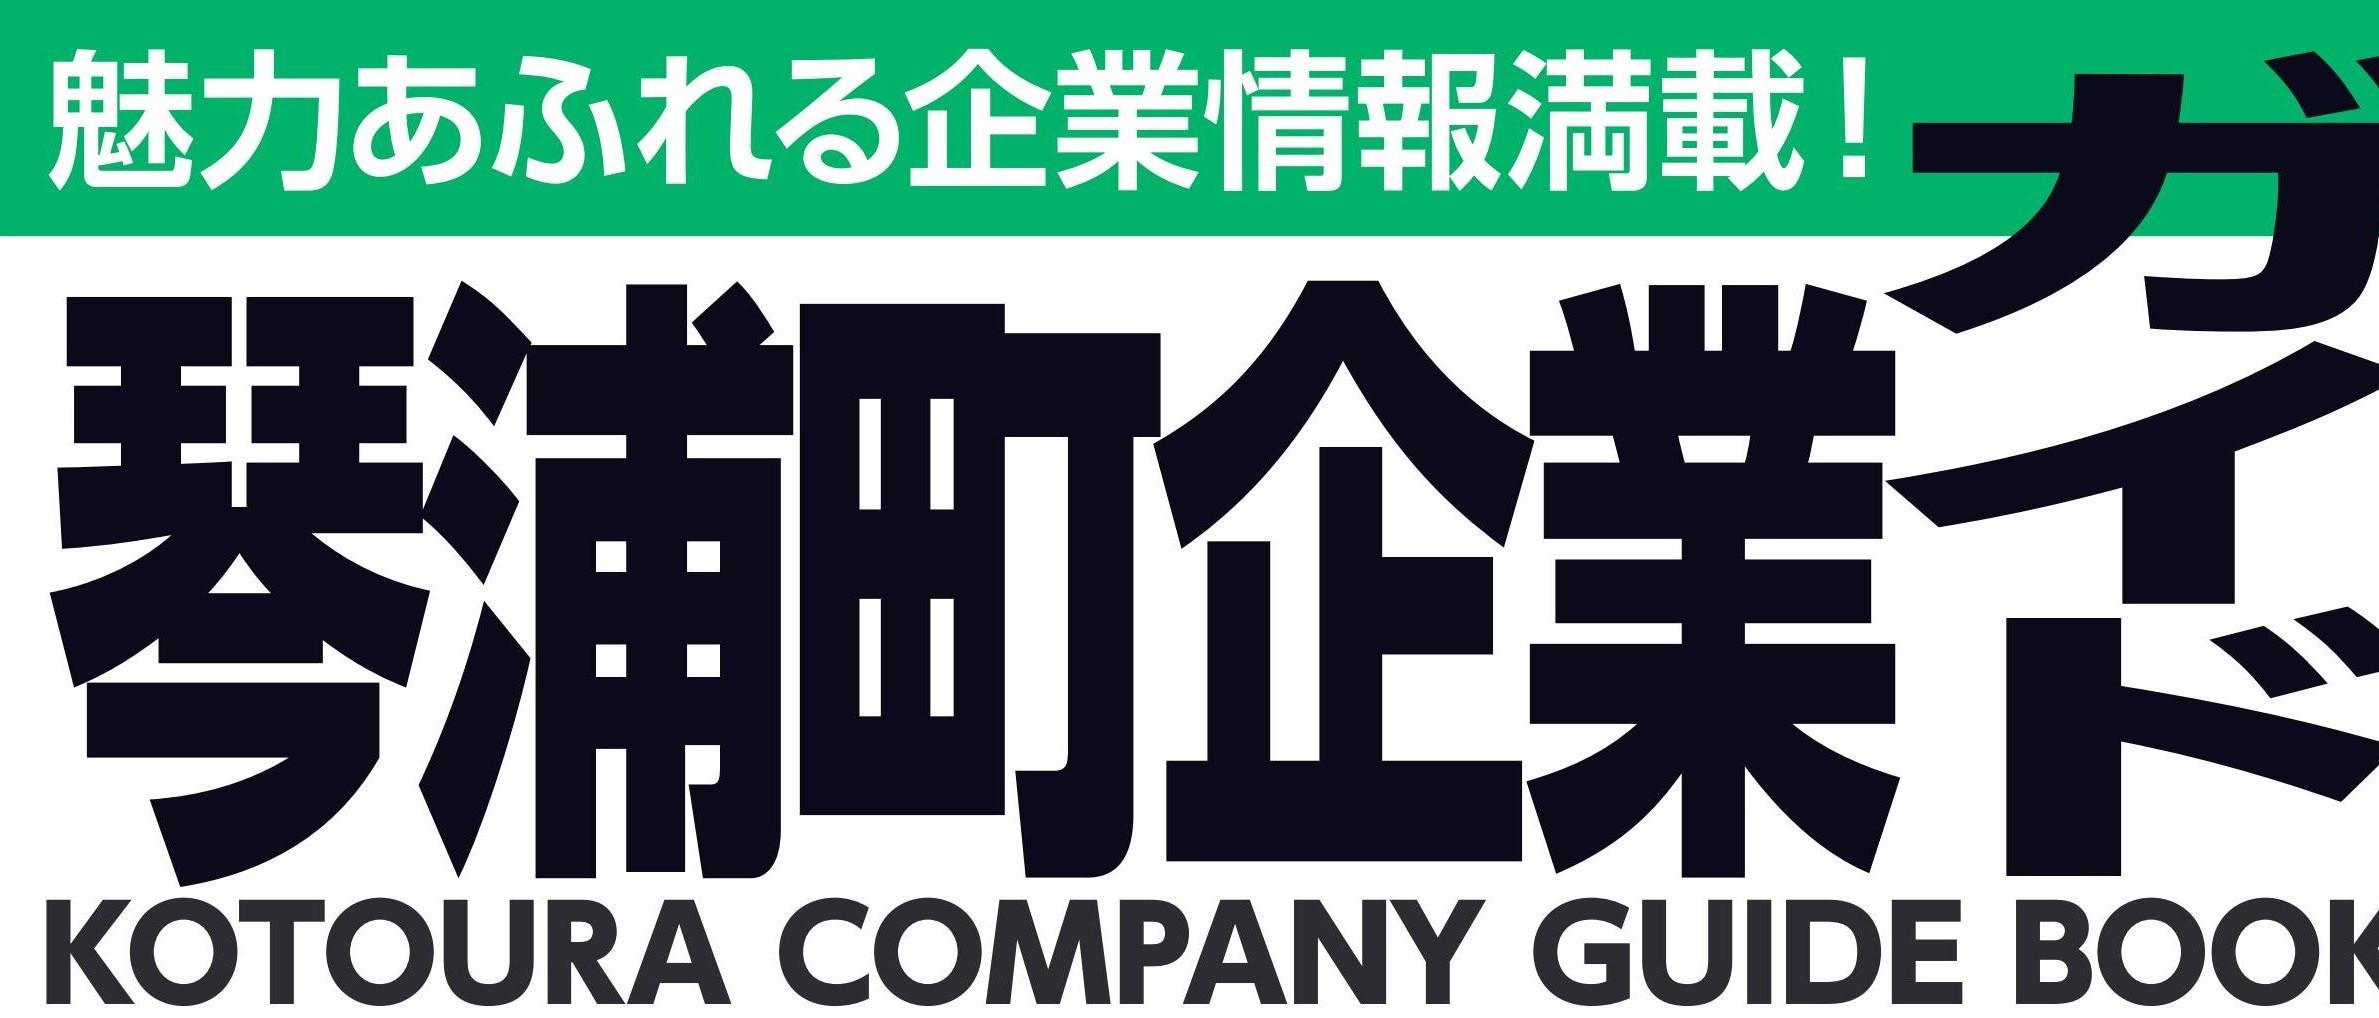 琴浦町企業ガイドブック